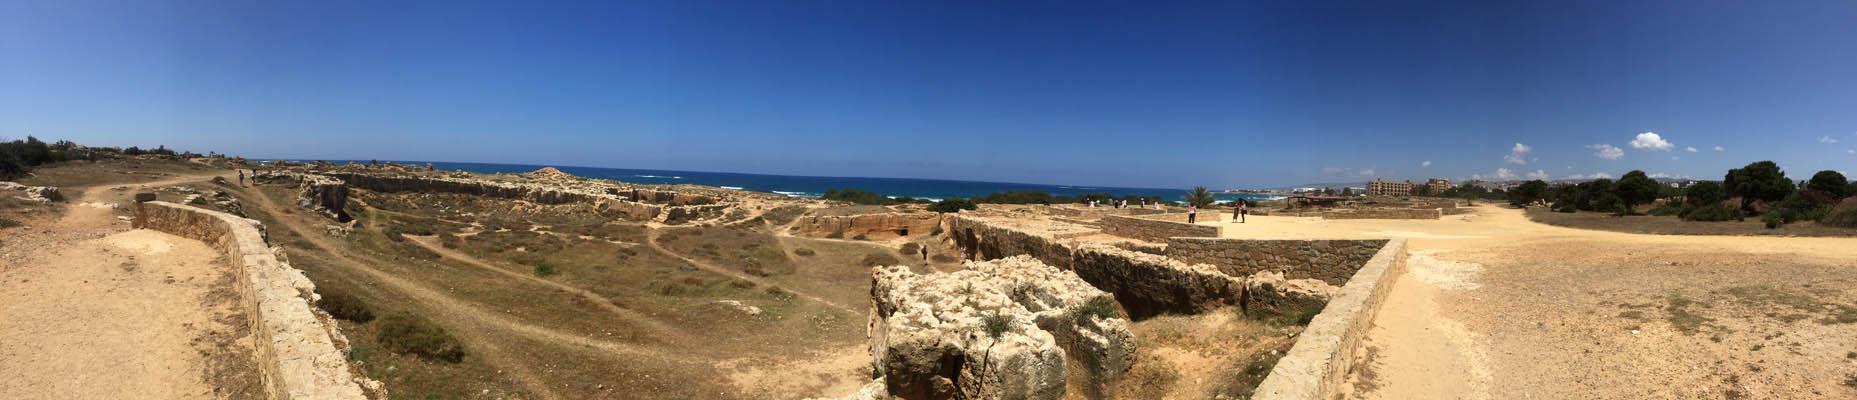 Die Königsgräber gibt es in dieser Art nur in Paphos.